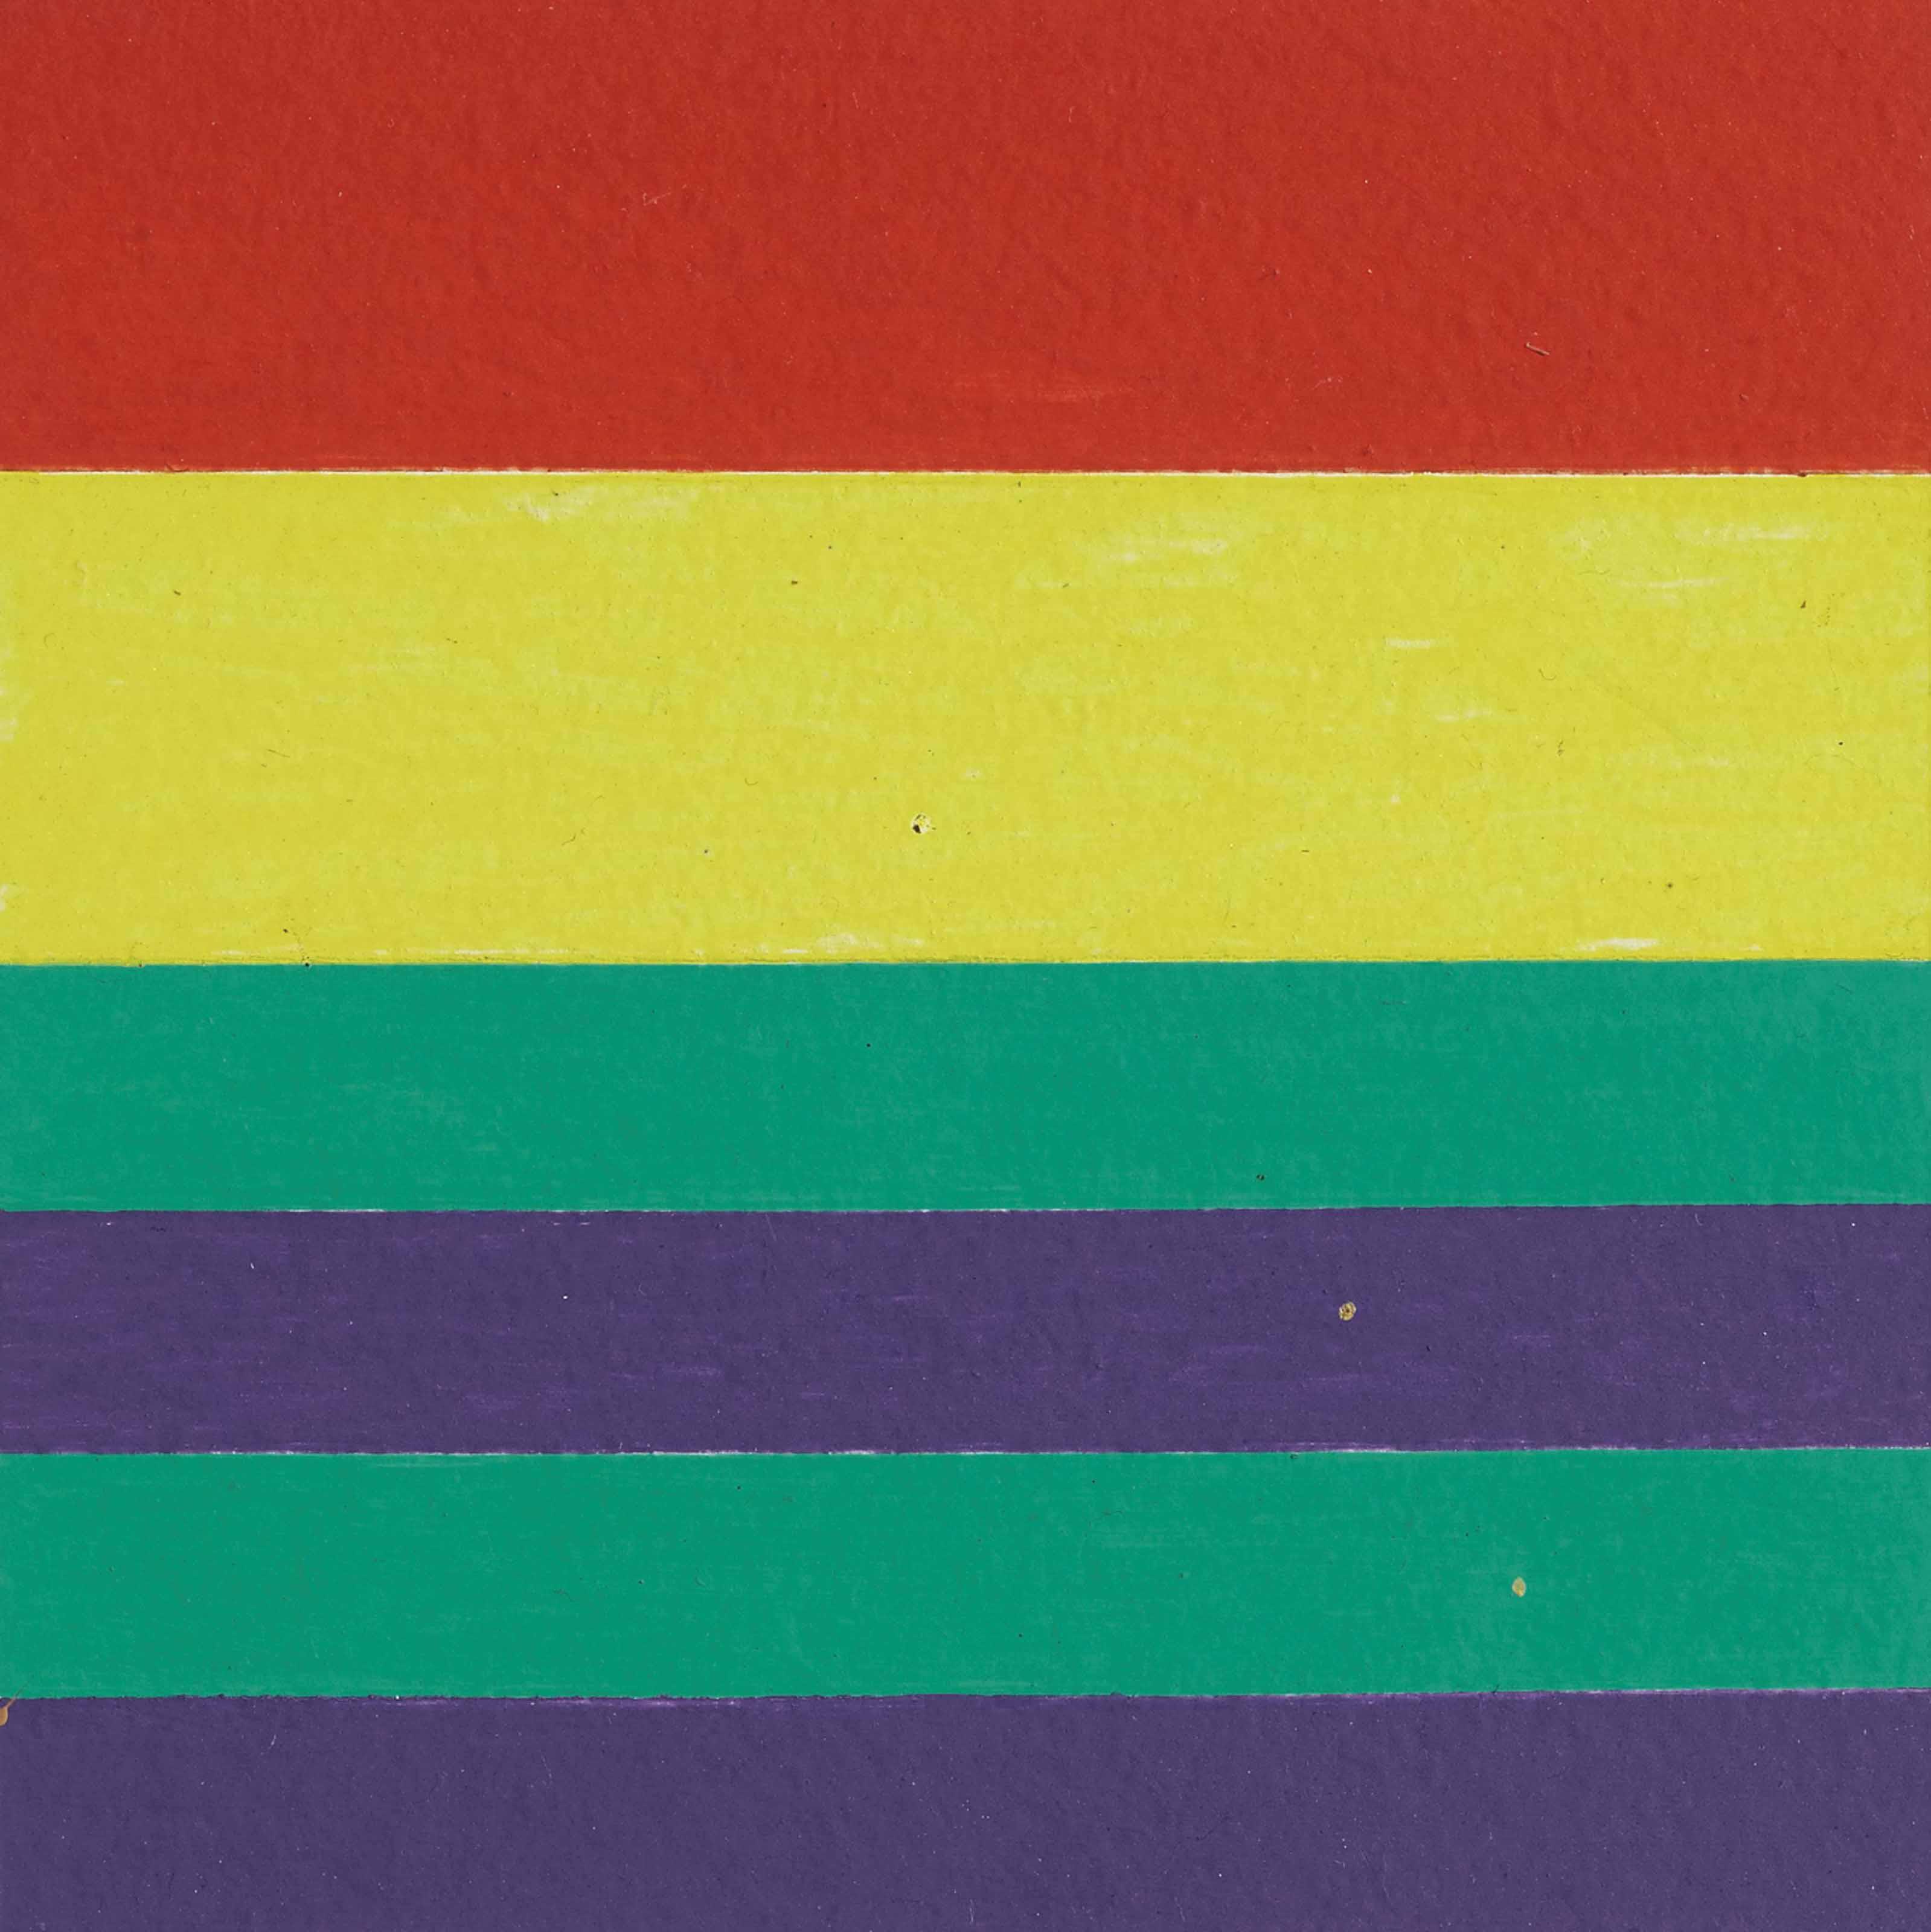 2 Farbpaare gleichen Volumens, 1968